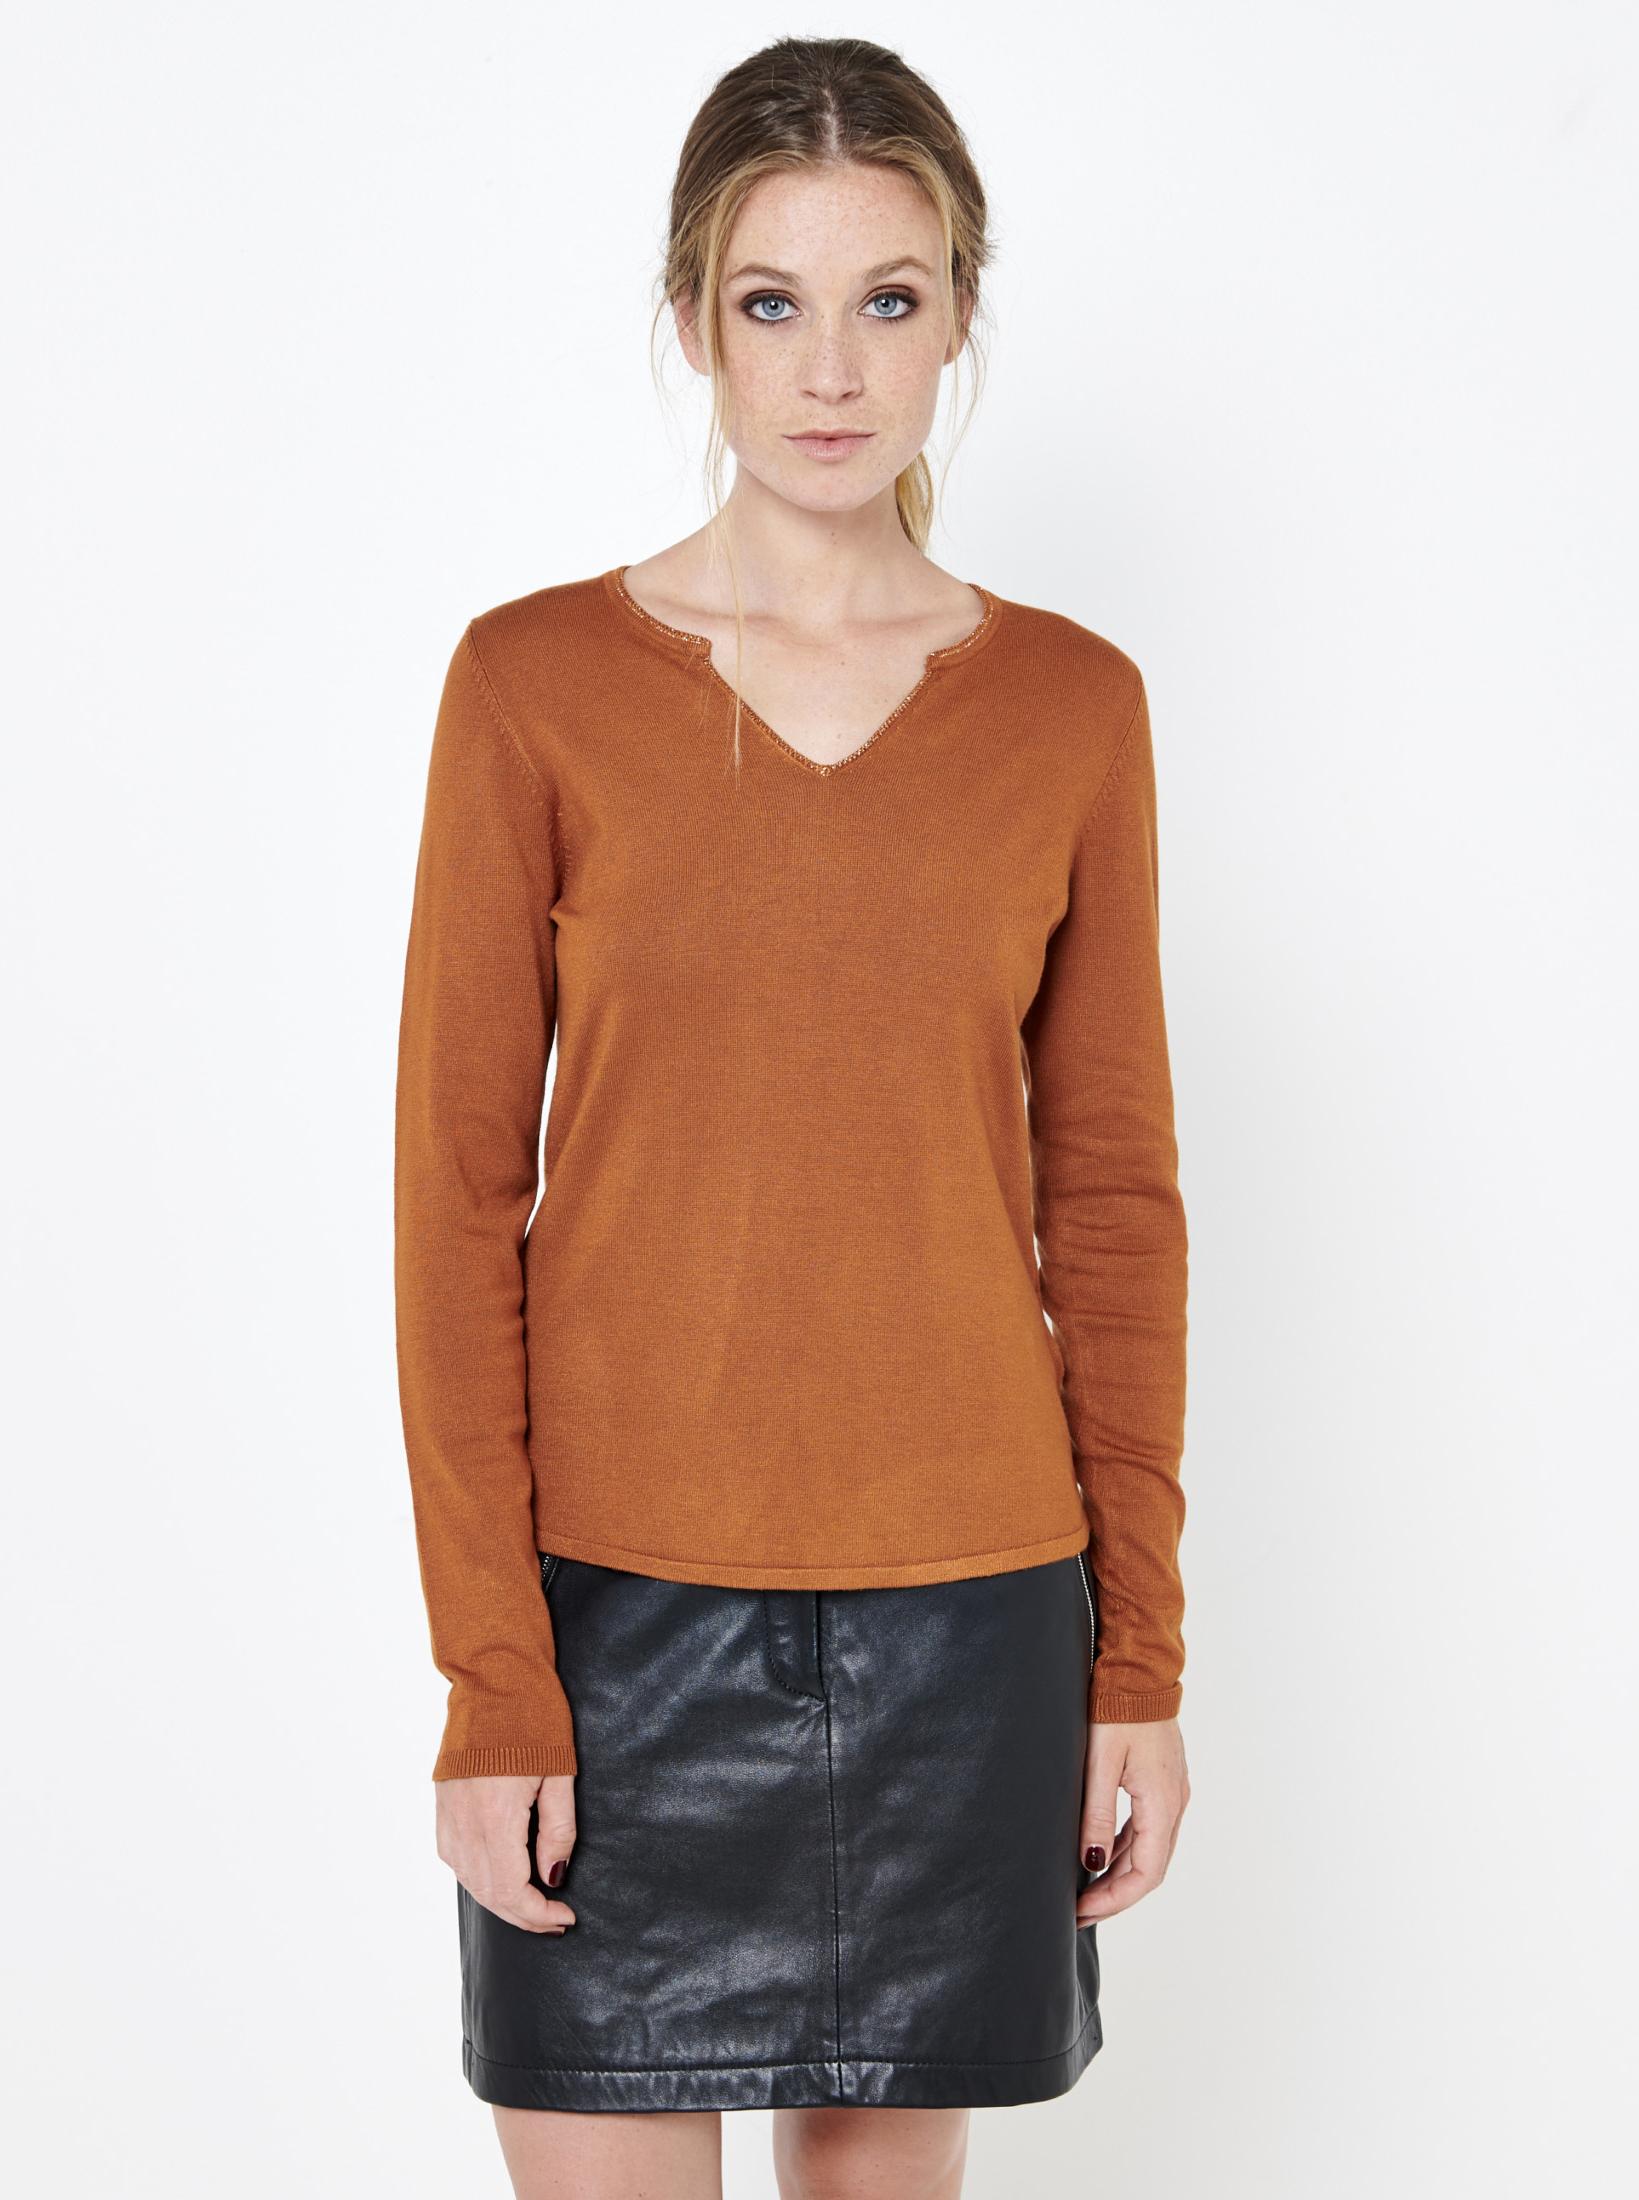 Bluze pentru femei CAMAIEU - maro